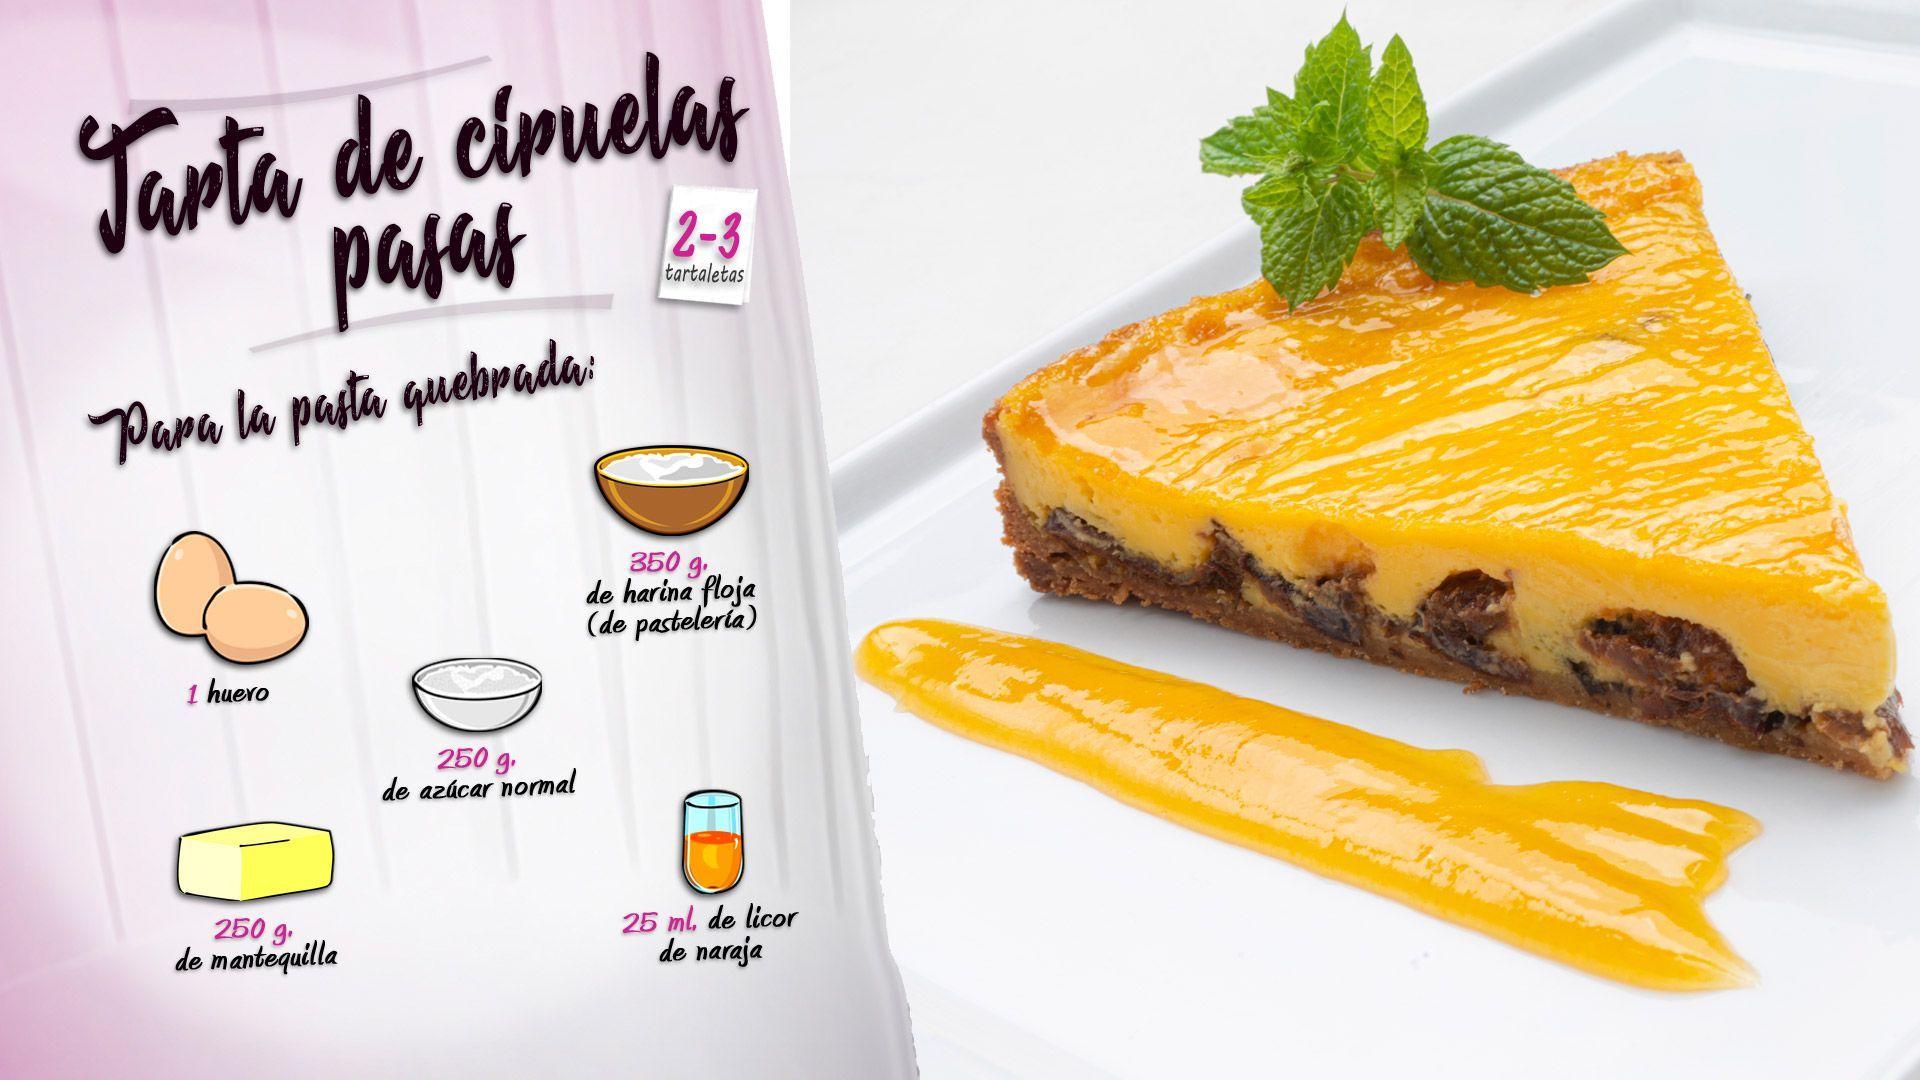 Tarta De Ciruelas Pasas Postre De Eva Arguiñano En Cocina Abierta Hogarmania Tarta De Ciruela Ciruela Pasa Tartas